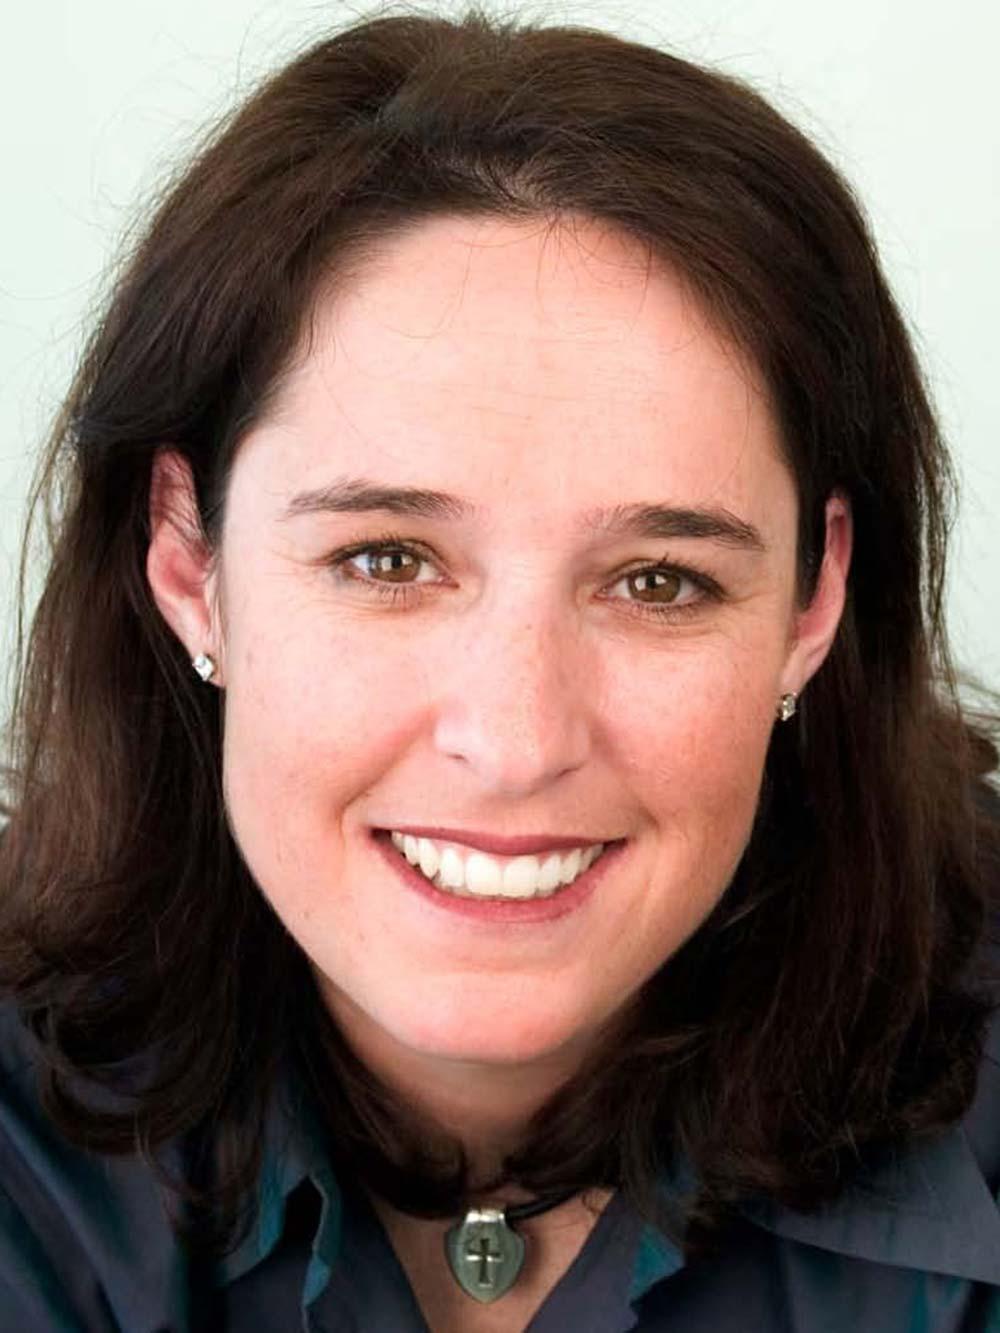 Laura Hudson